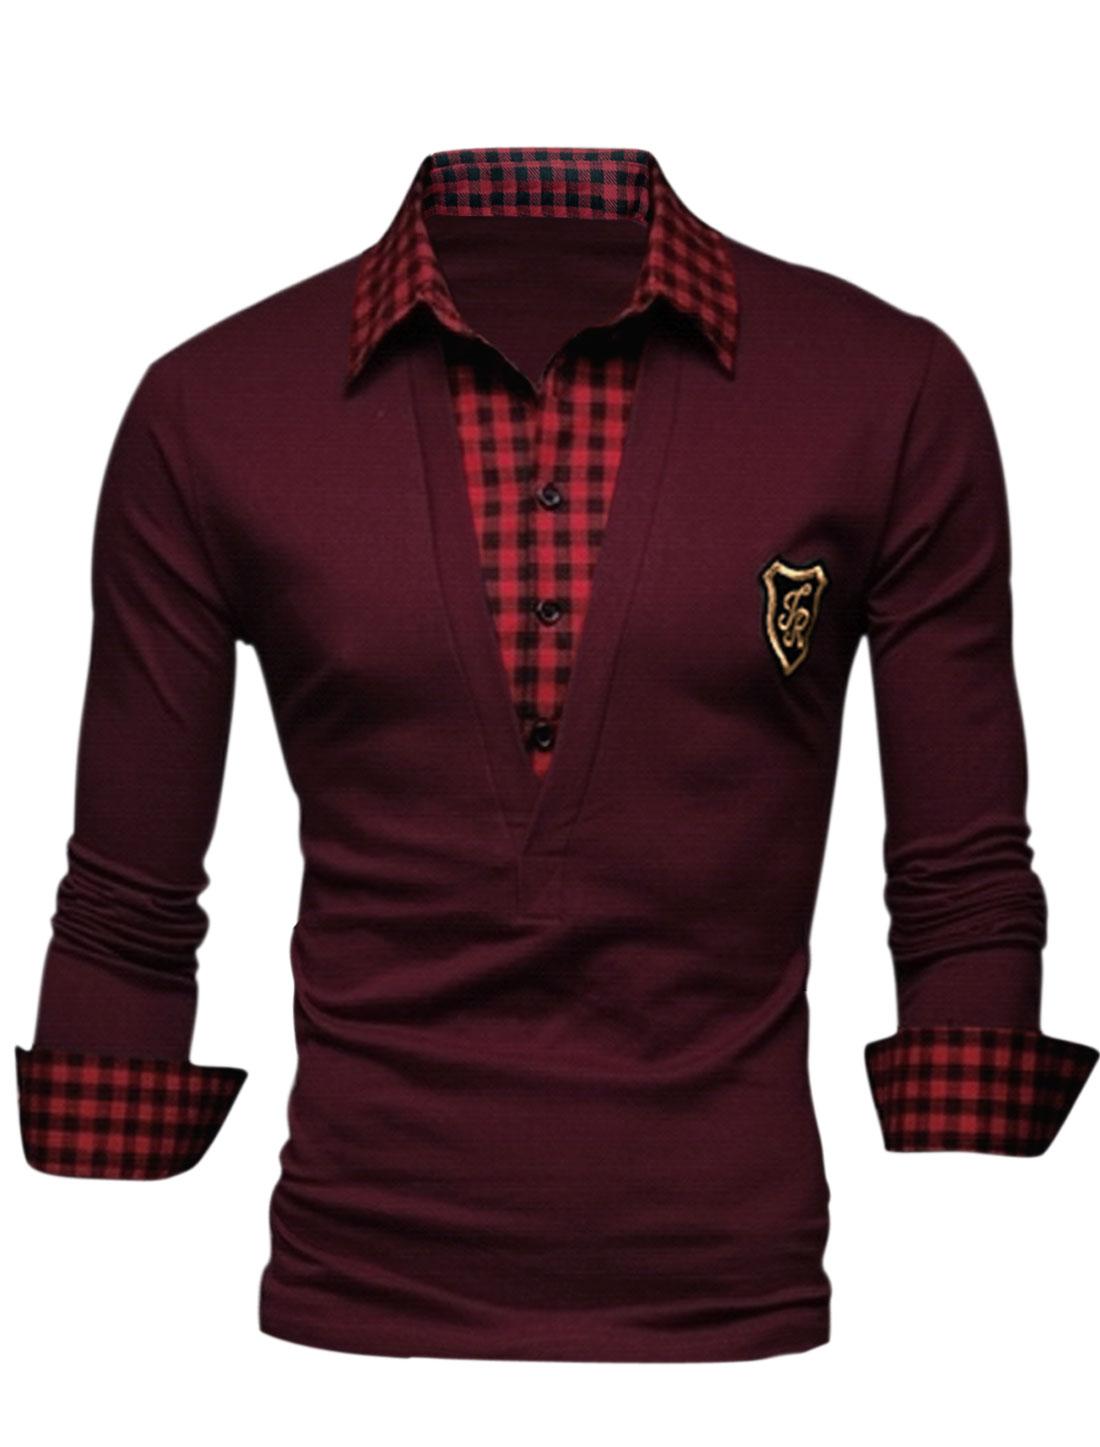 Men Color Block Plaids Pattern Half Buttoned Placket Shirt Burgundy M